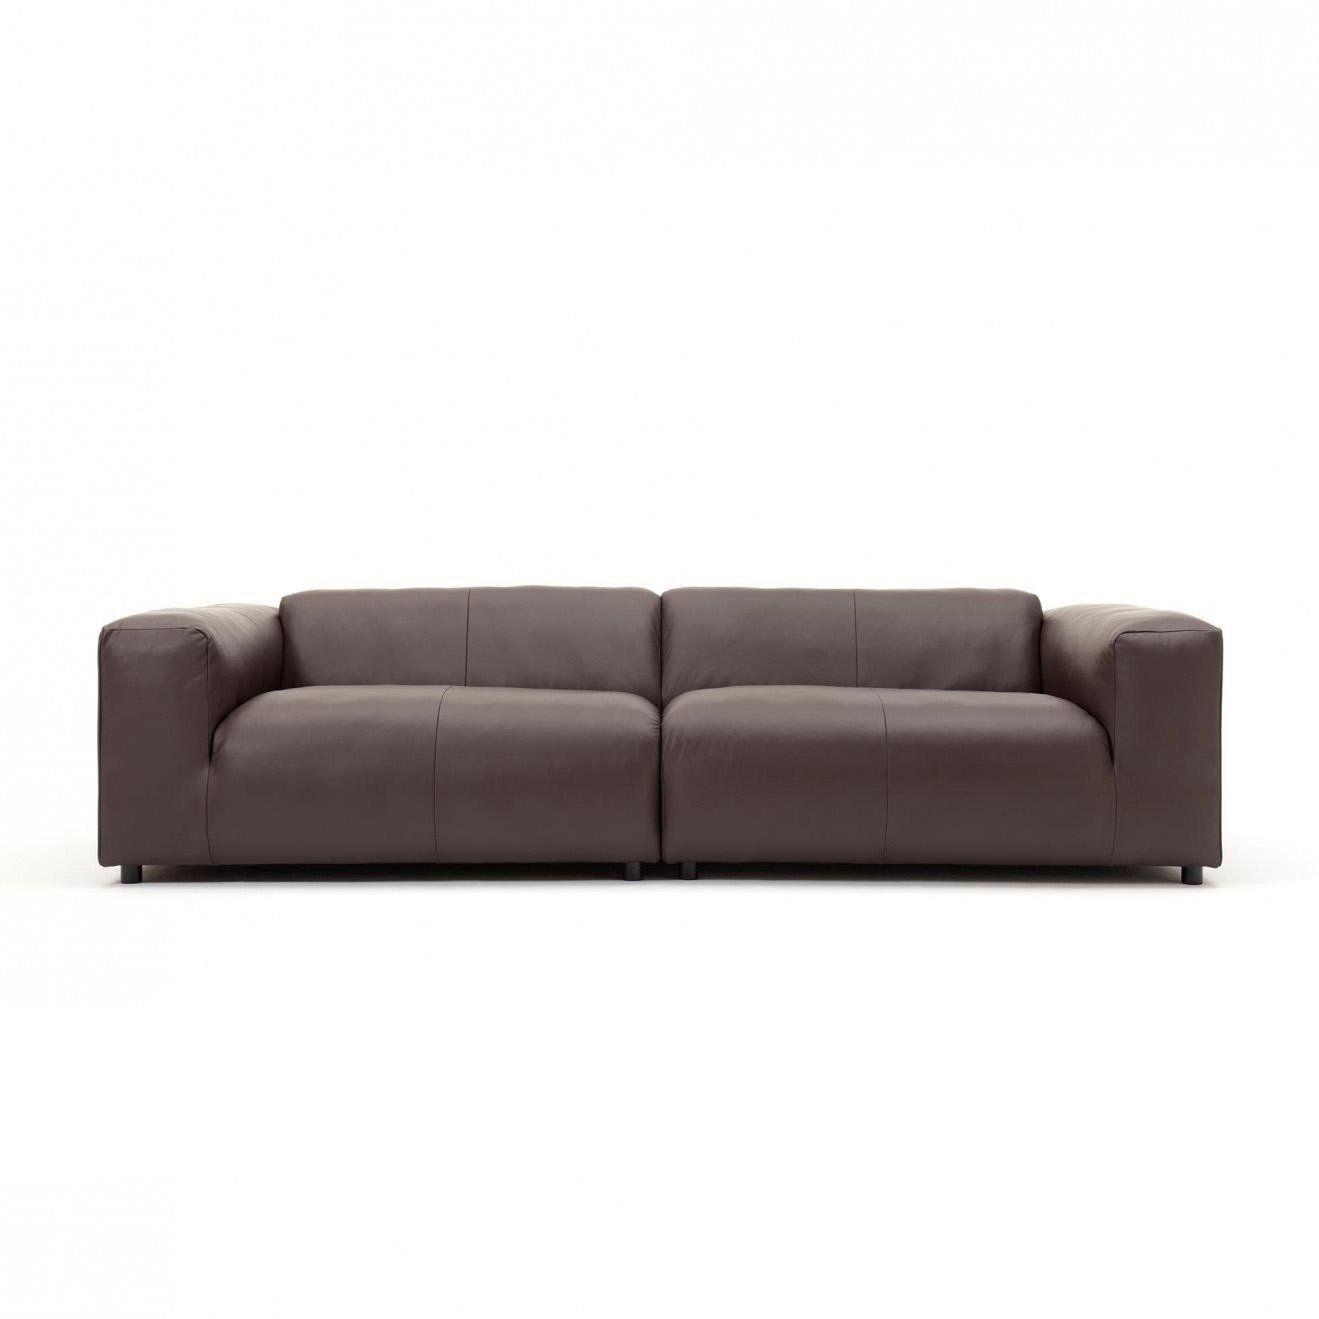 Cool Benz Couch Foto Von Freistil Rolf - Freistil 187 3-seater Leather